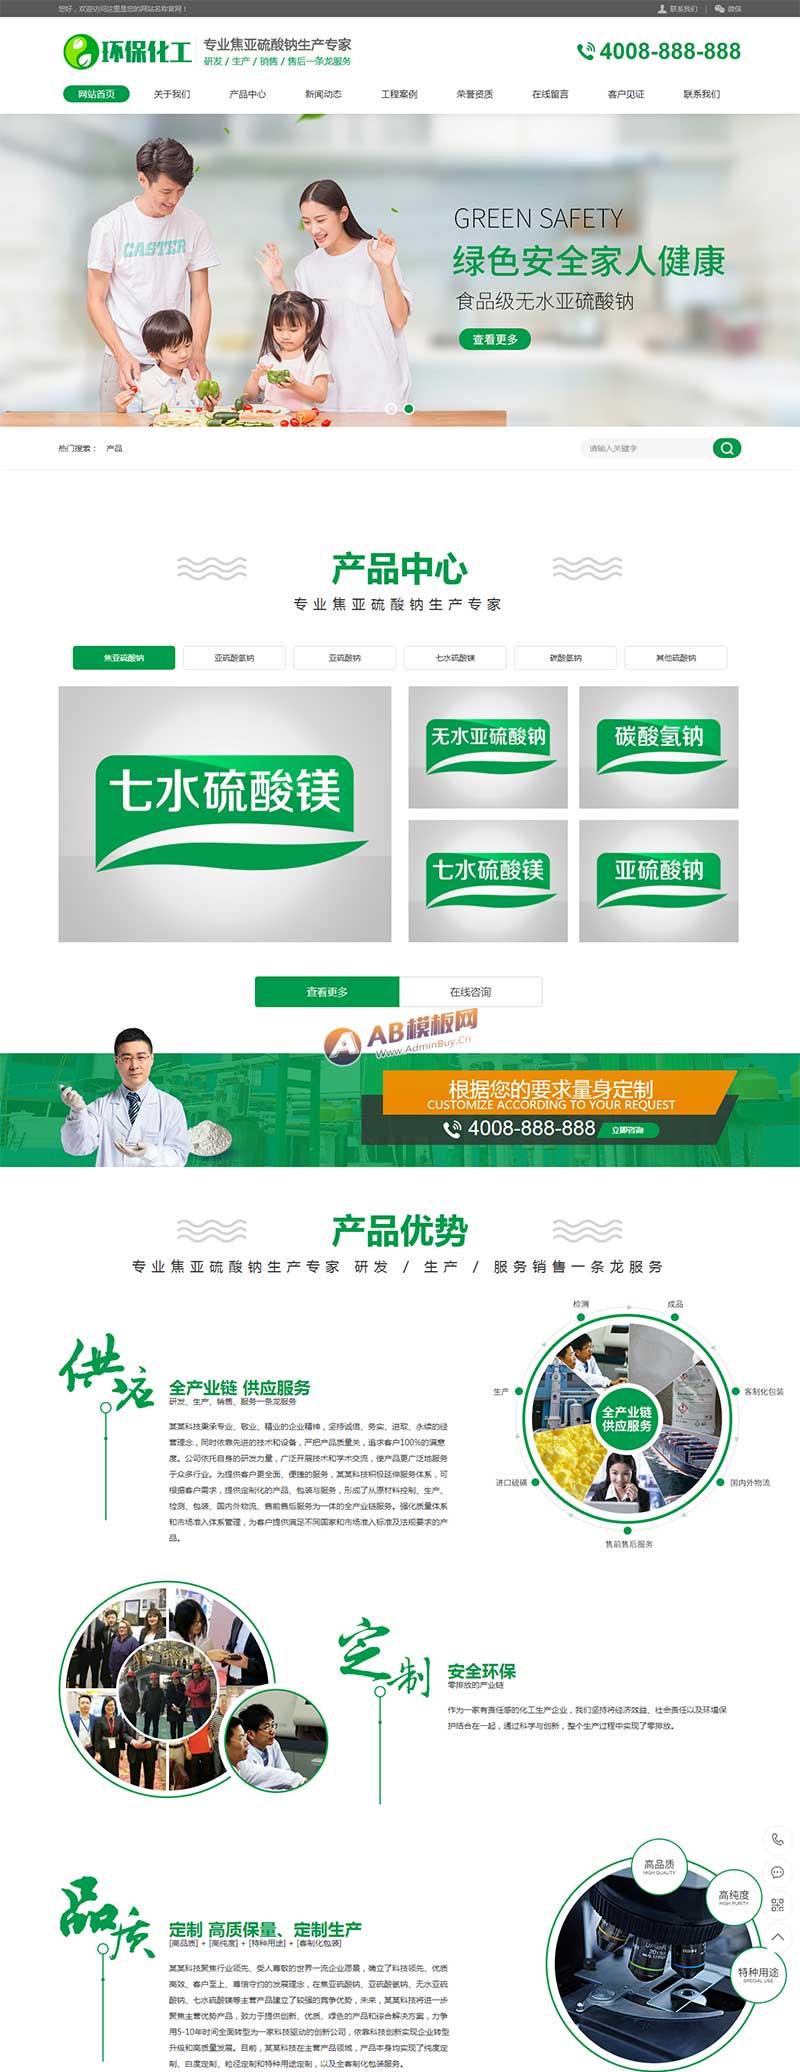 (带手机版数据同步)硫酸钠化学用品类网站织梦模板 工业硫酸化工类营销型网站模板